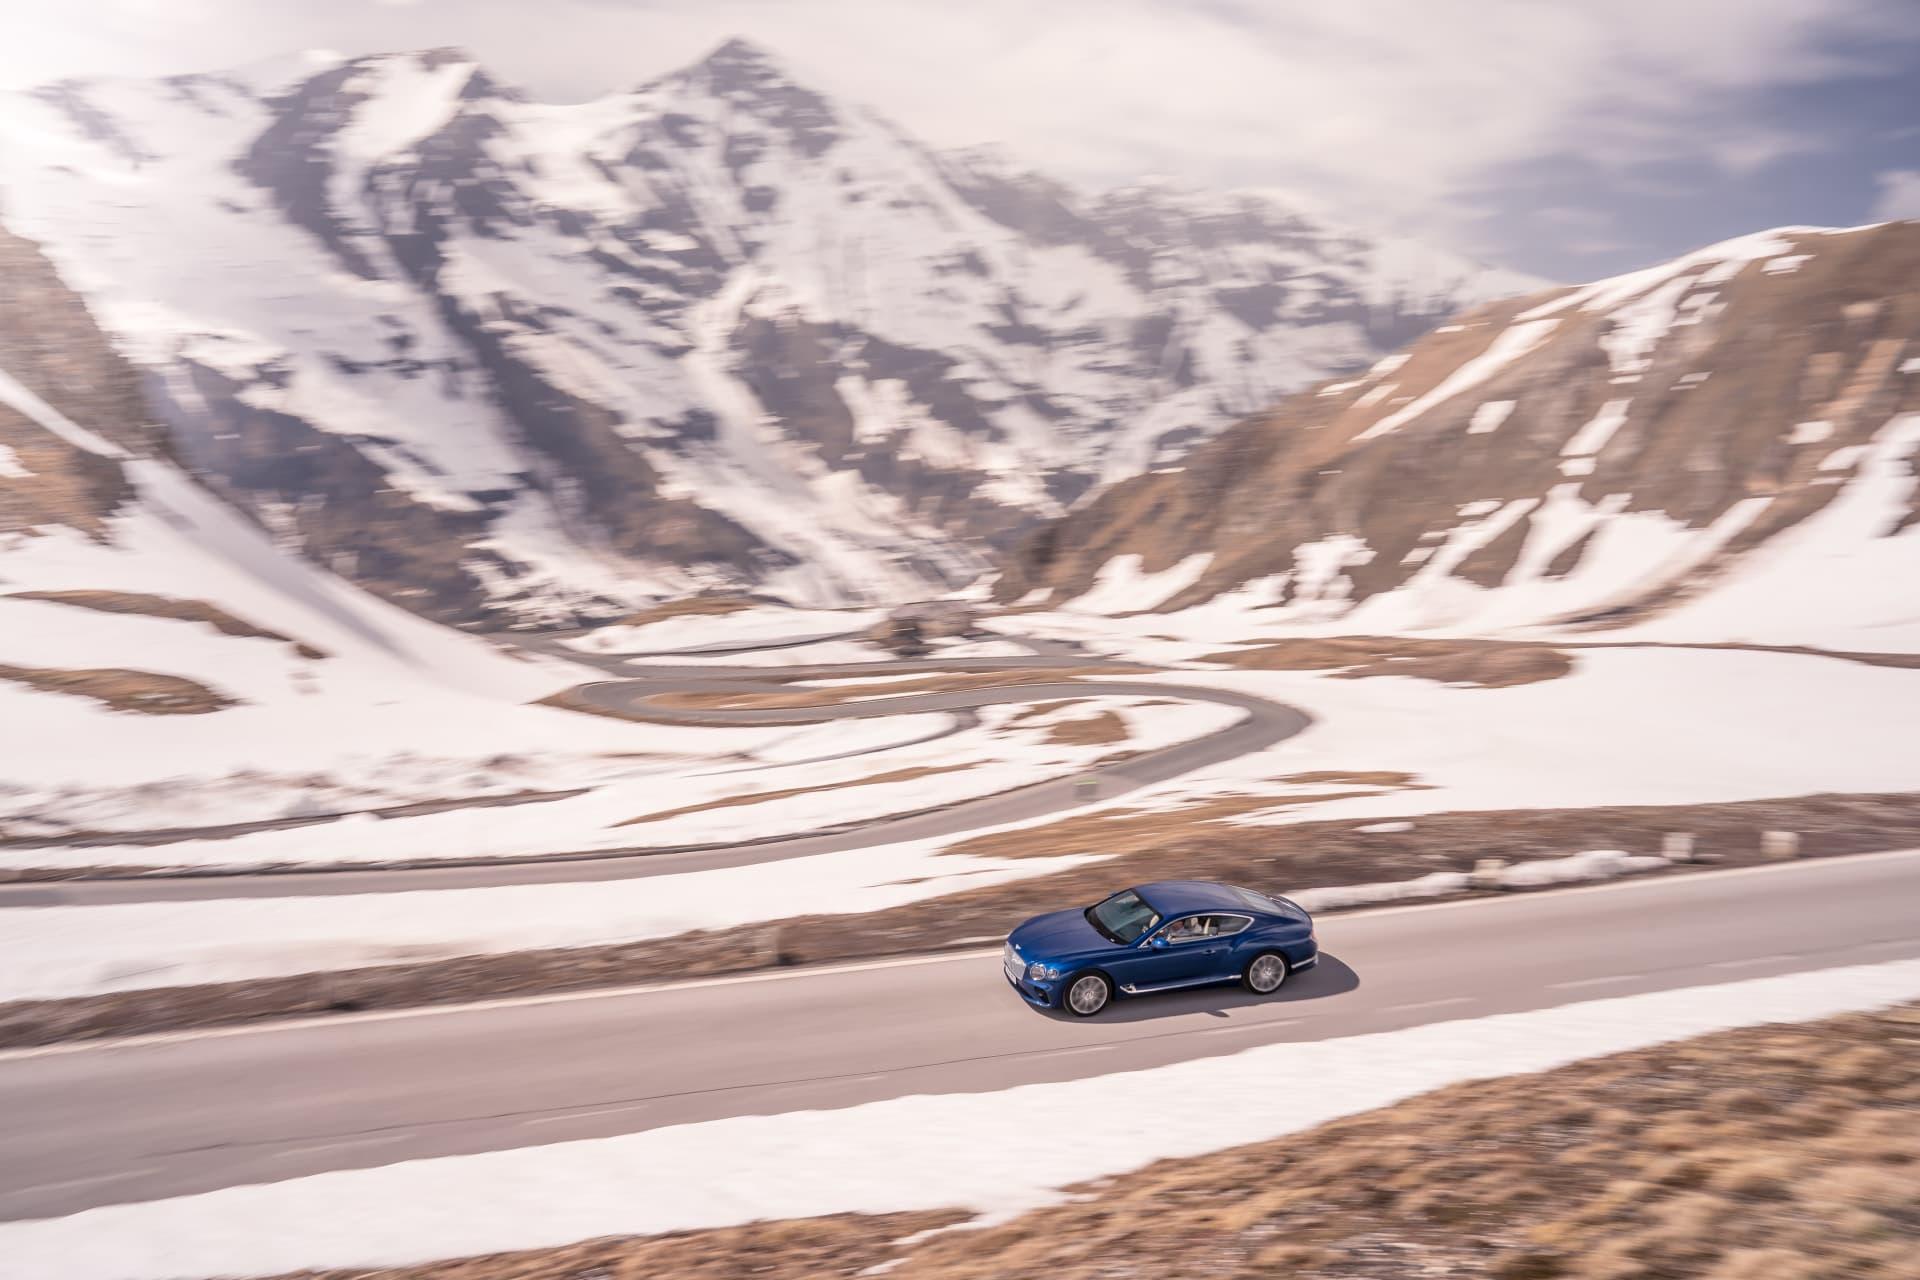 Bentley Continental Gt Sequin Blue 20